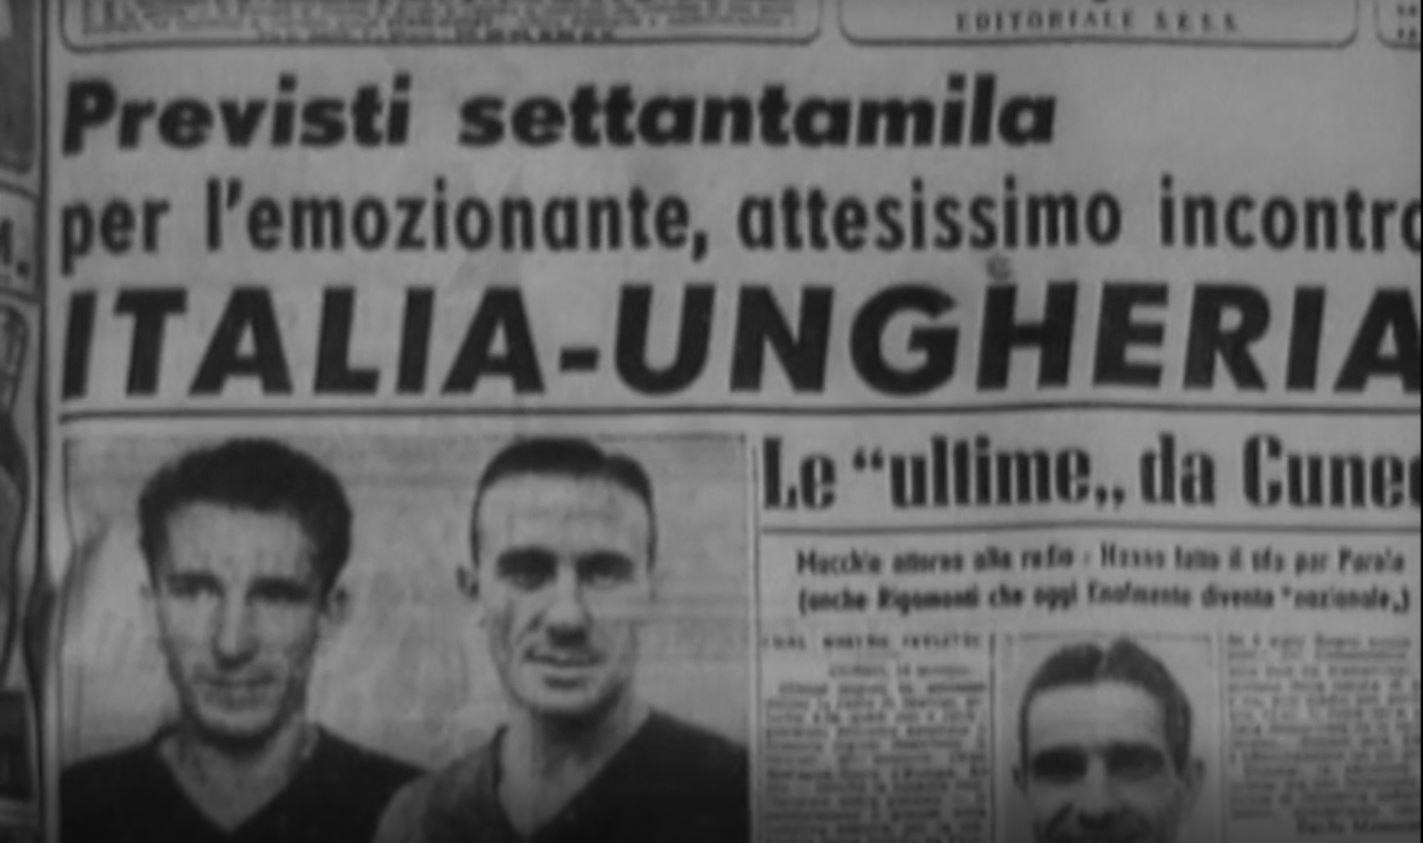 Una pagina del calcio italiano - Italia-Ungheria 1947